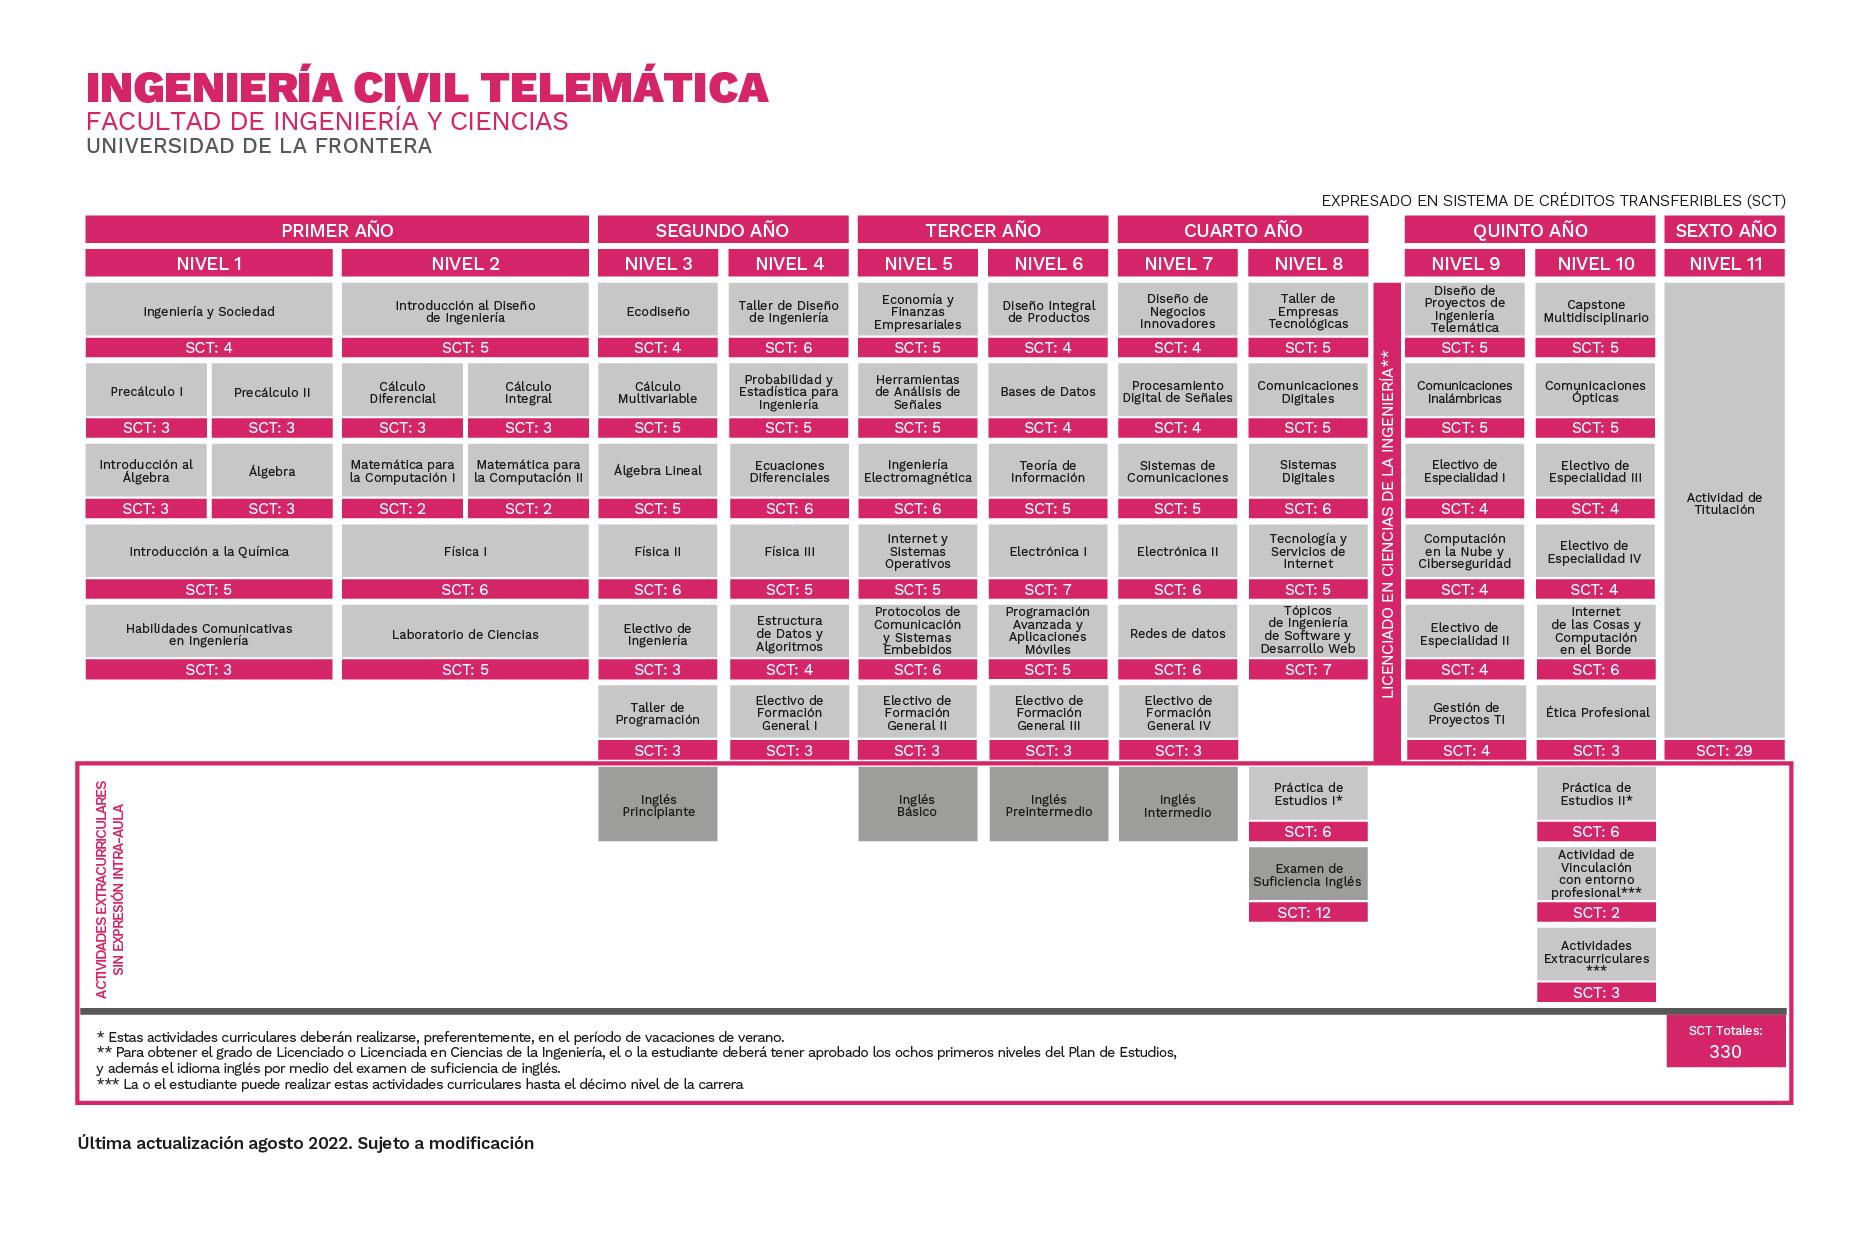 Plan de Estudios Ingeniería Civil Telemática Universidad de La Frontera